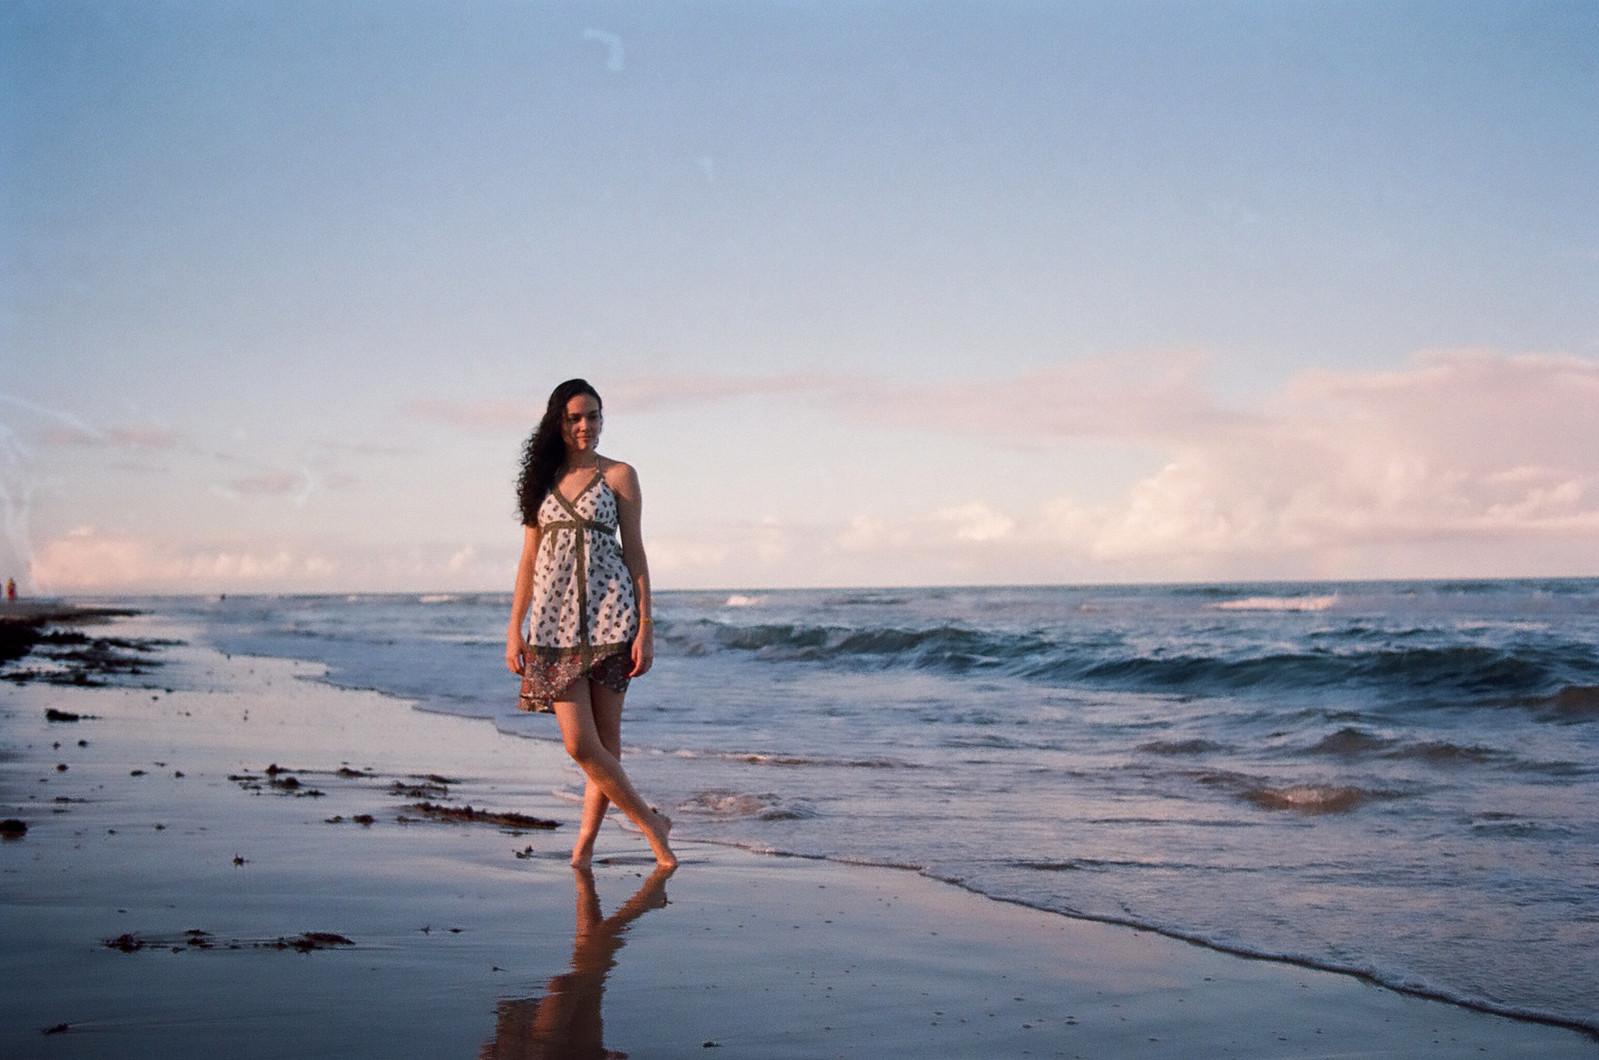 Пример фотографии на пленку Kodak Pro Image 100